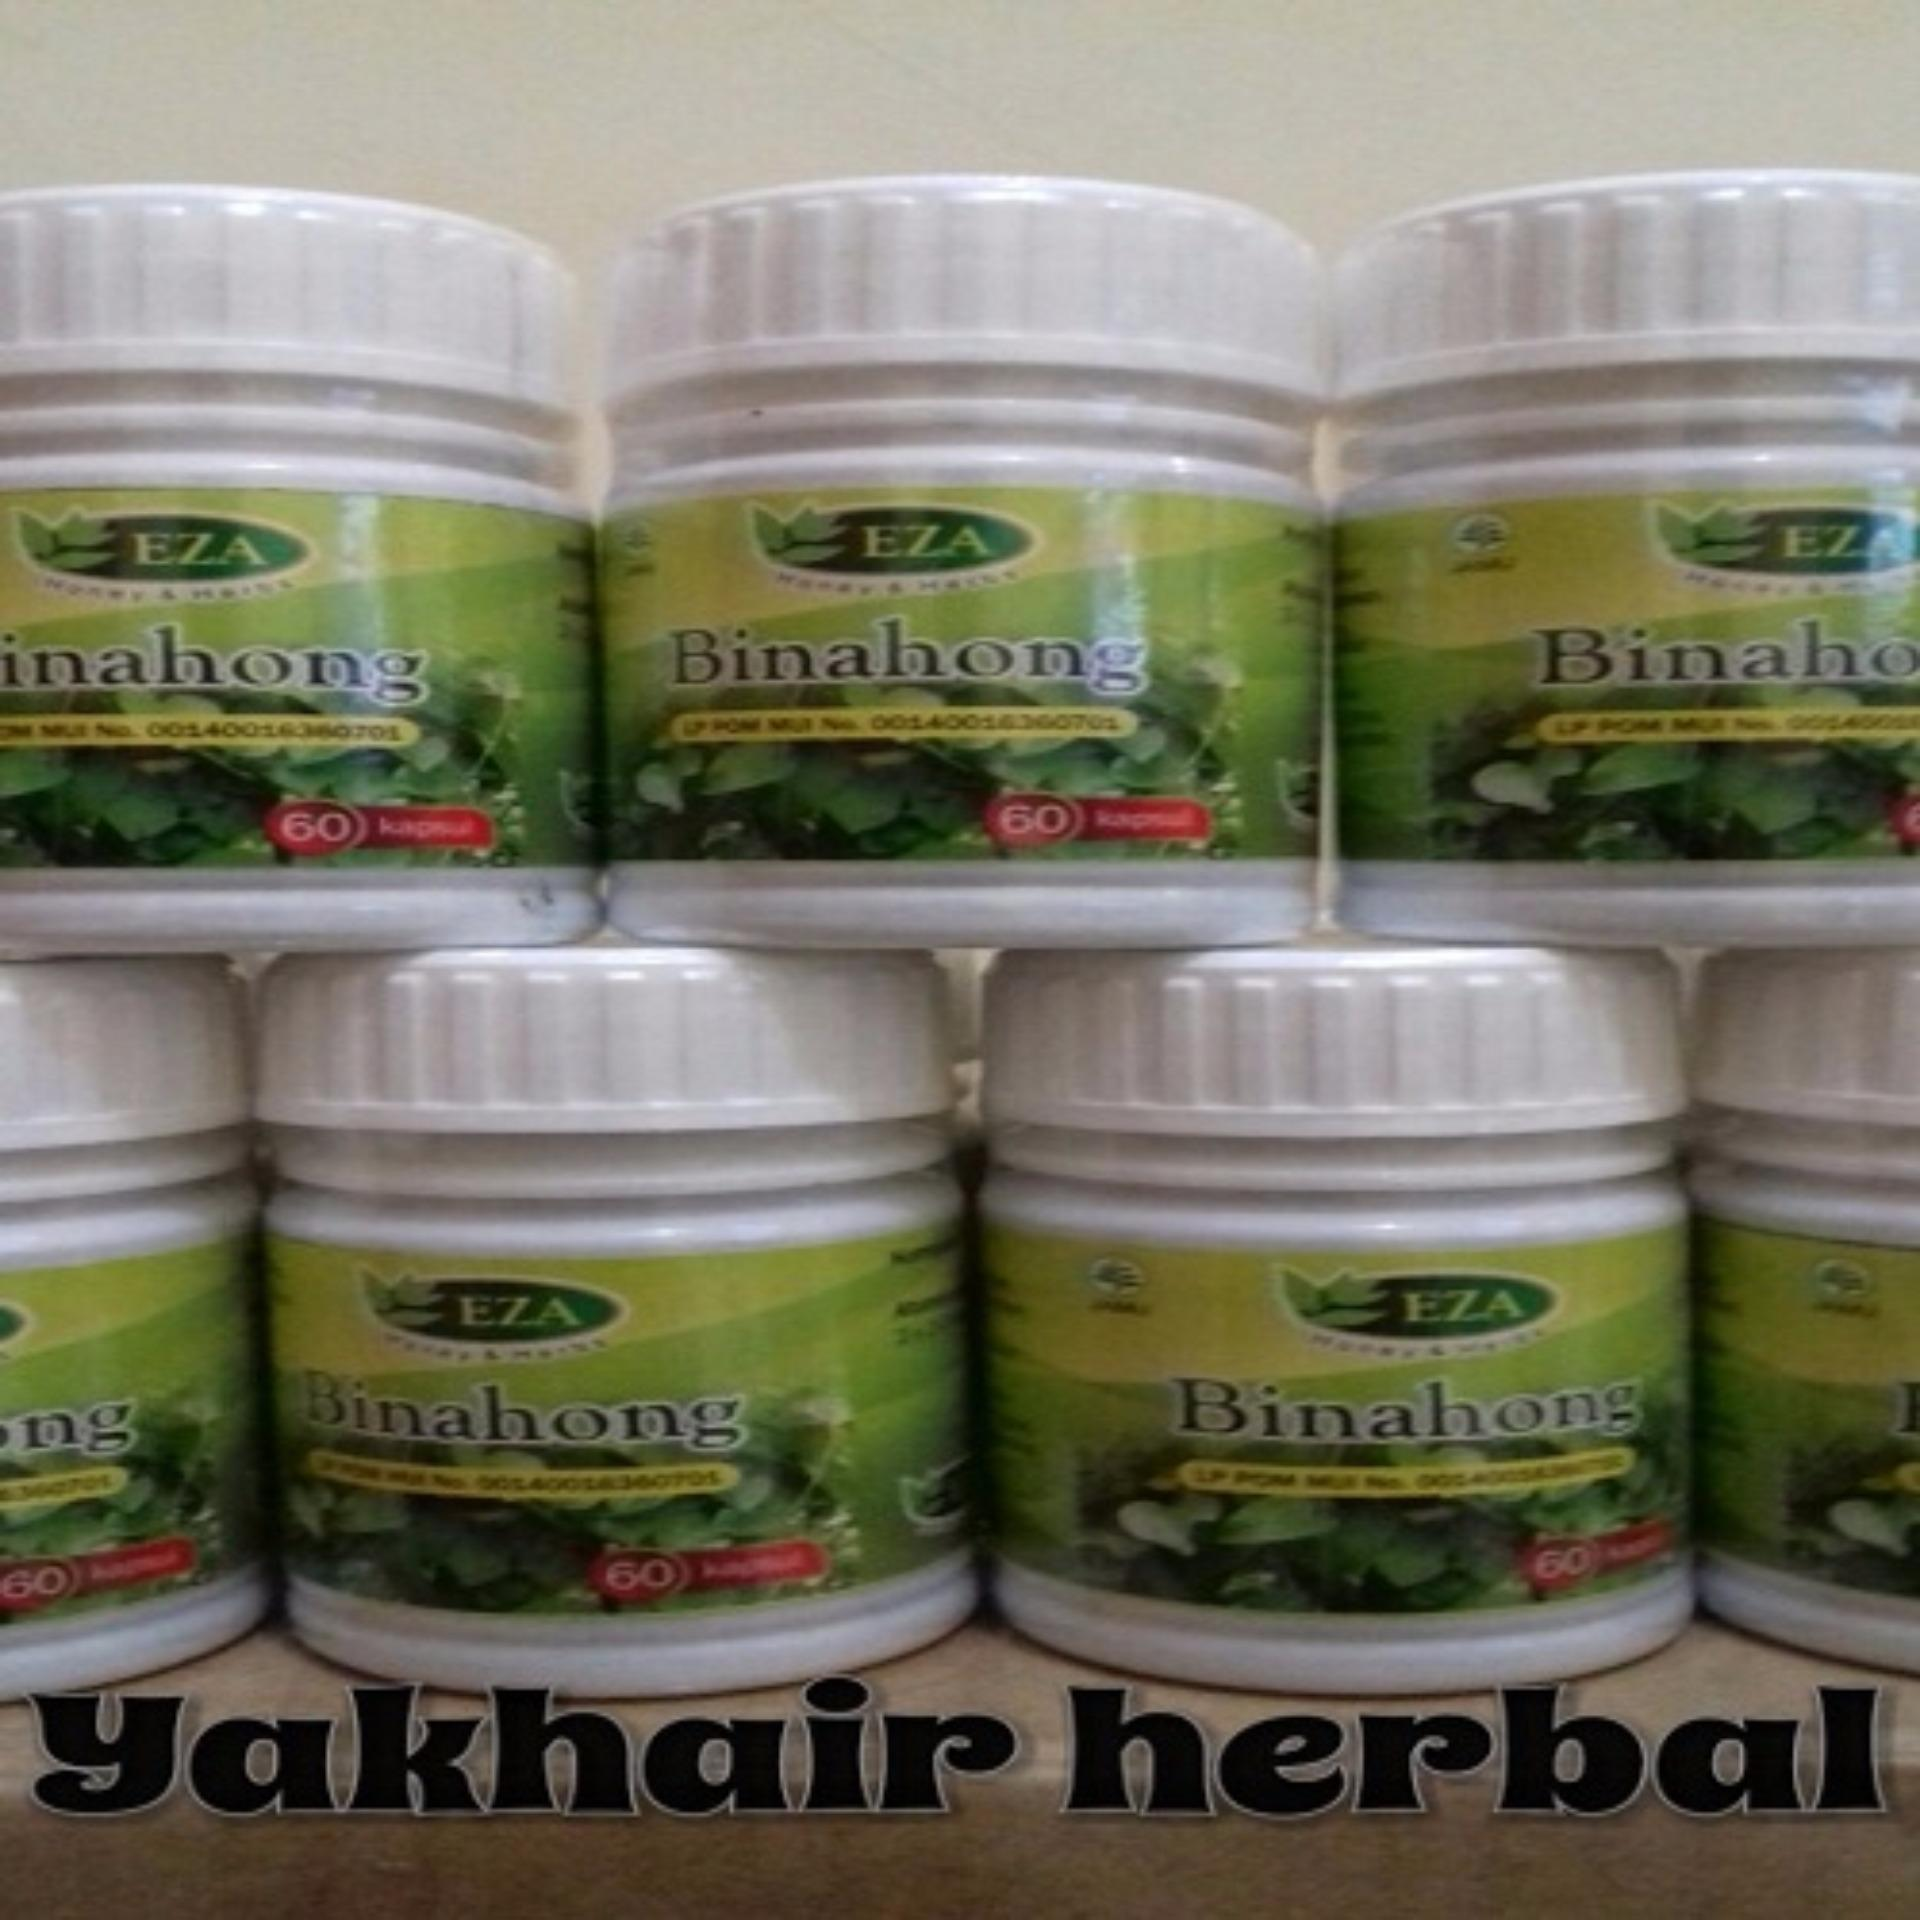 Terbaik Murah Kapsul Binahong Eza Belanja Vco Virgin Coconut Oil